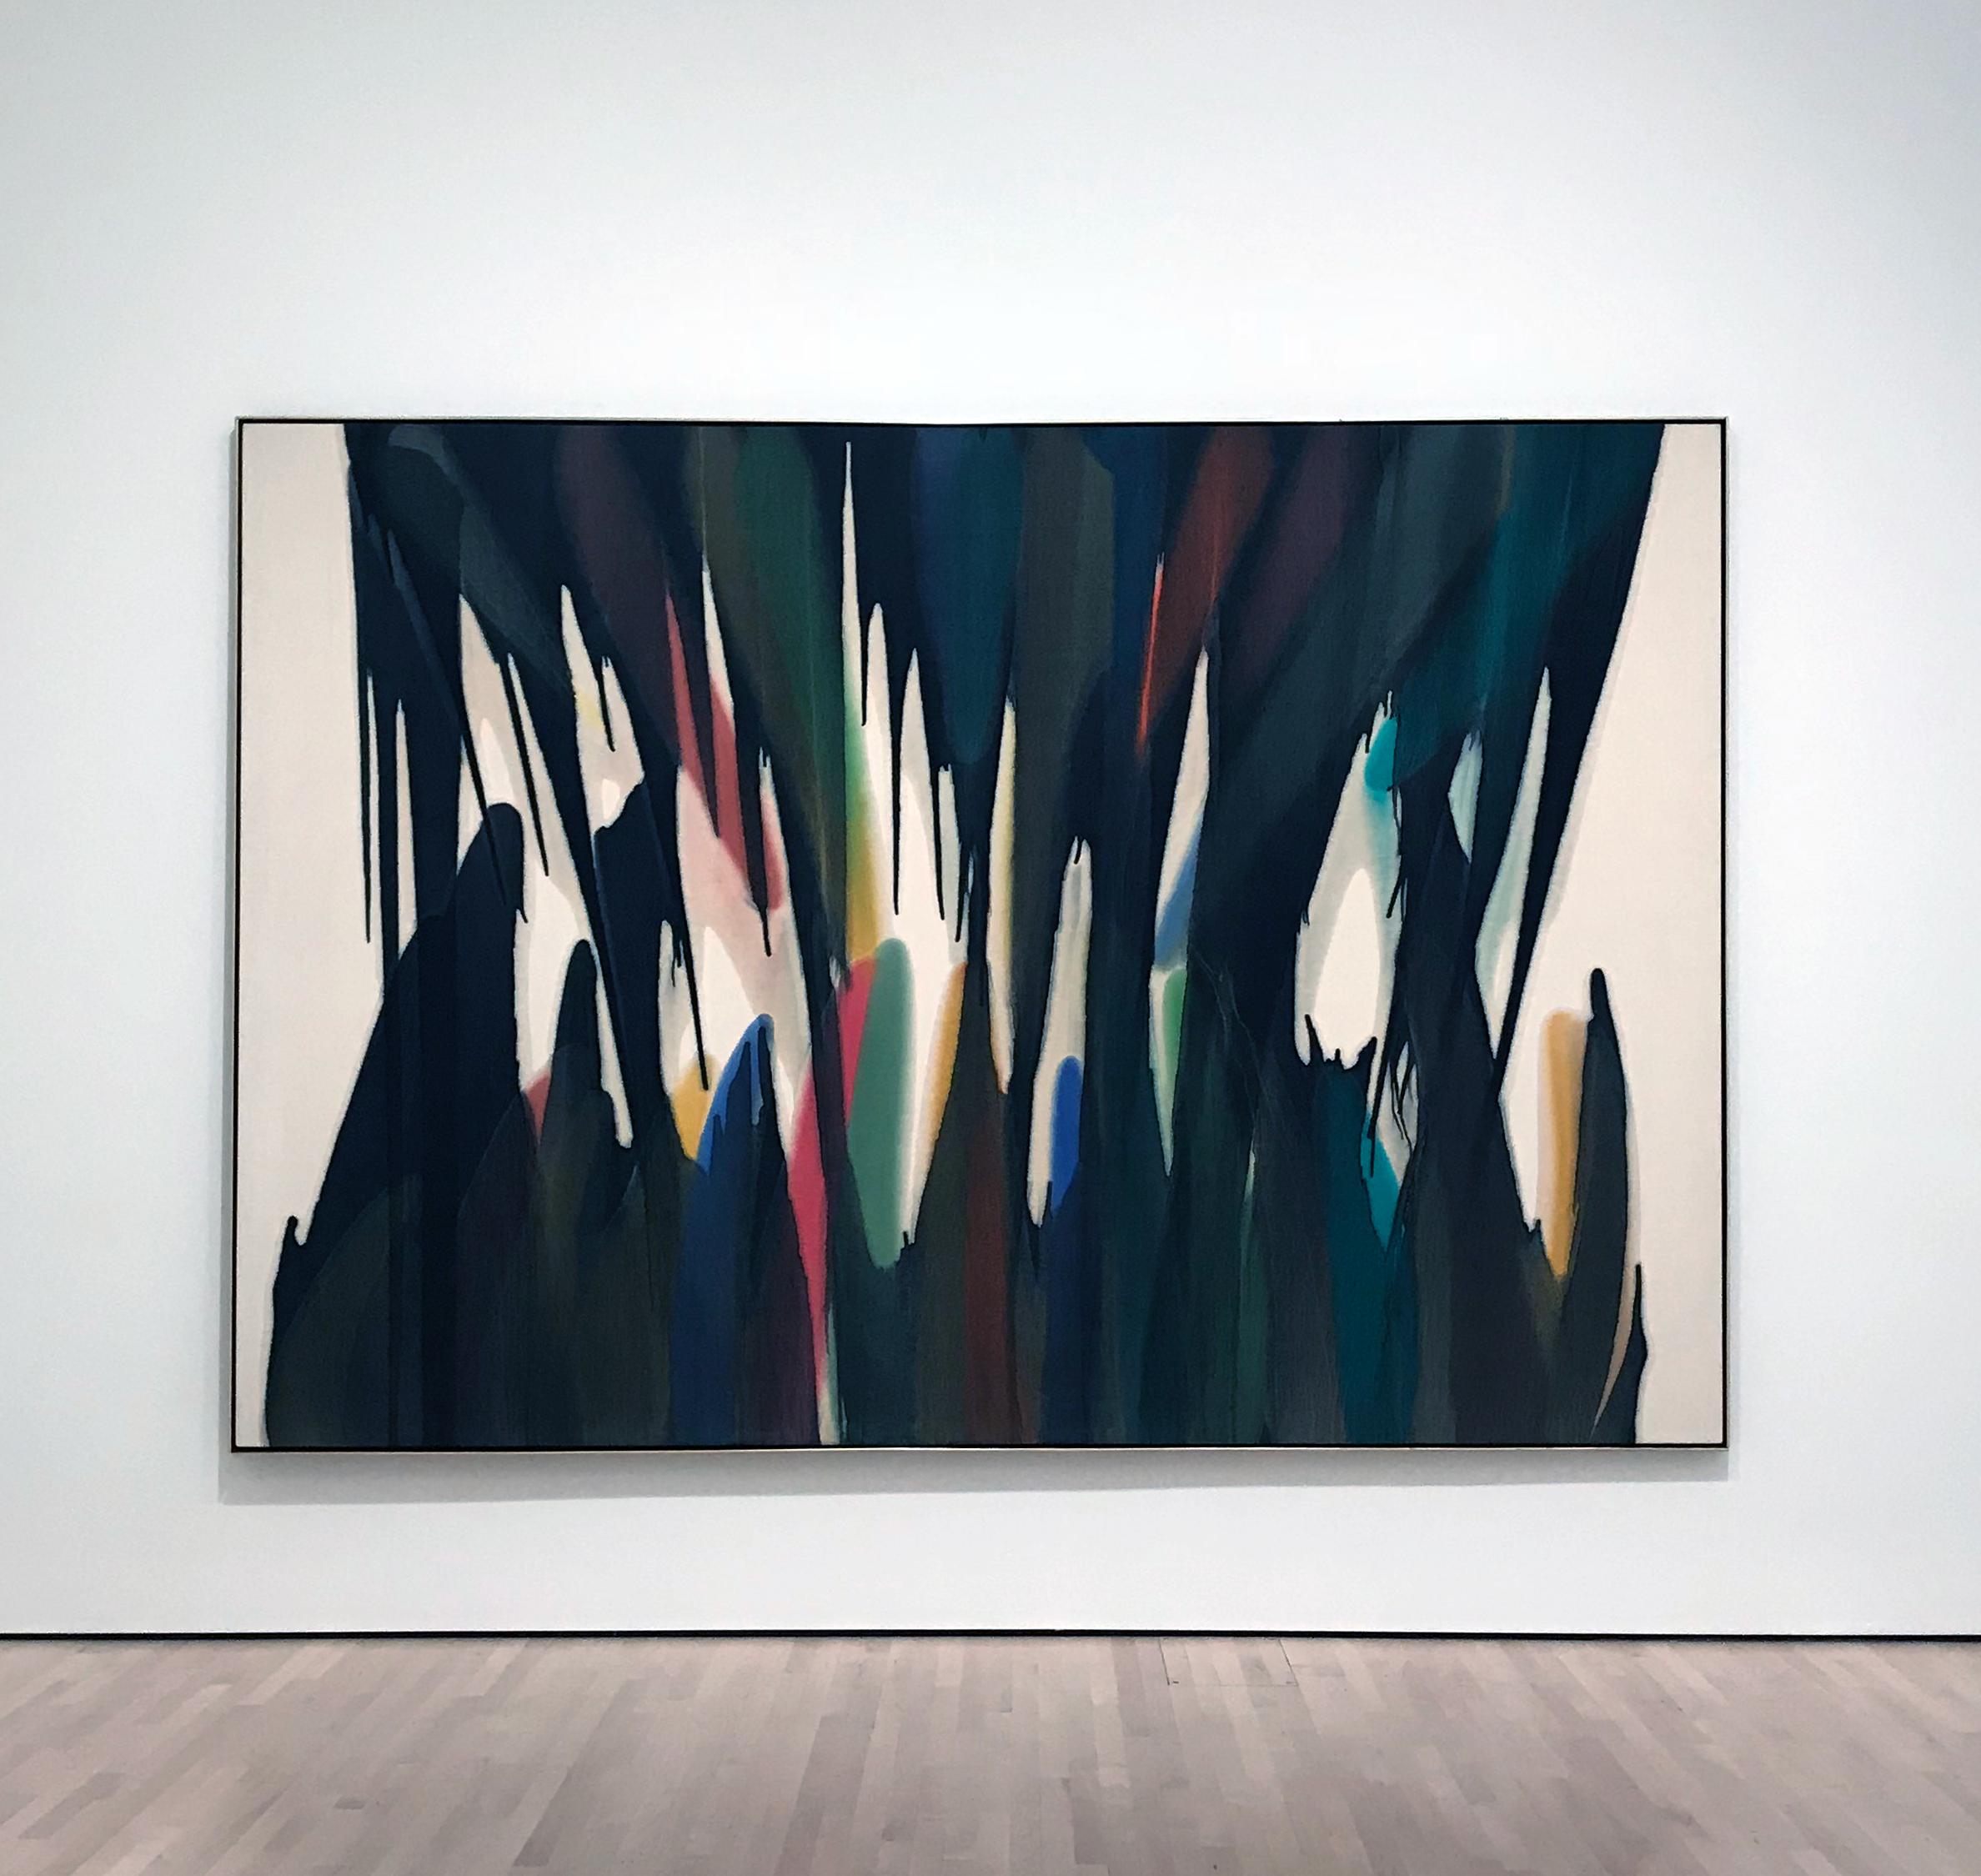 Ambi I by Morris Louis (1959-60)